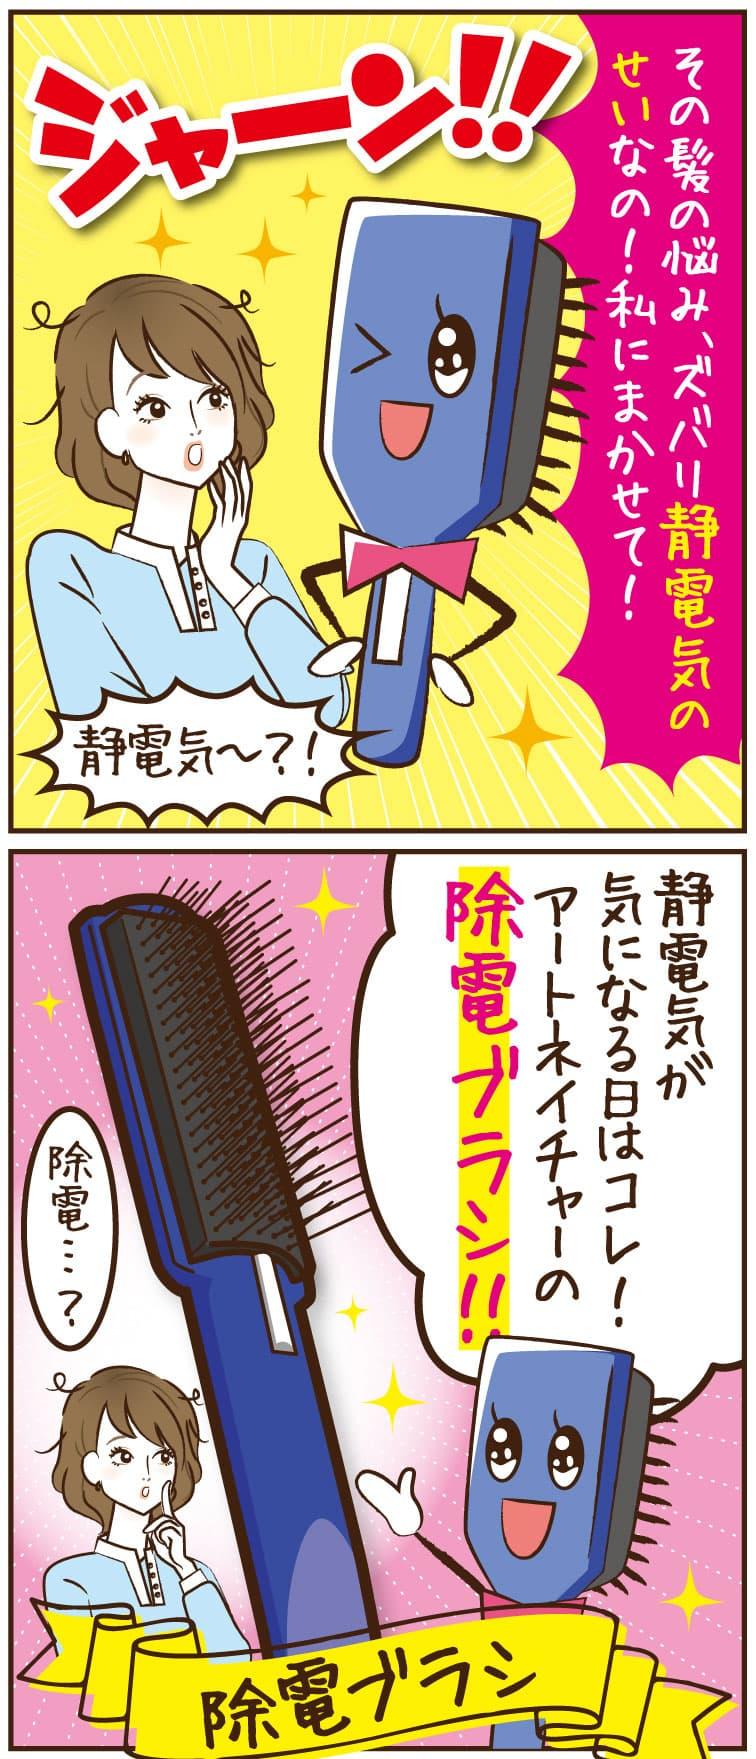 その髪の悩み、ズバリ静電気のせいなの!わたしにまかせて!静電気が気になる日はコレ!アートネイチャーの除電ブラシ!